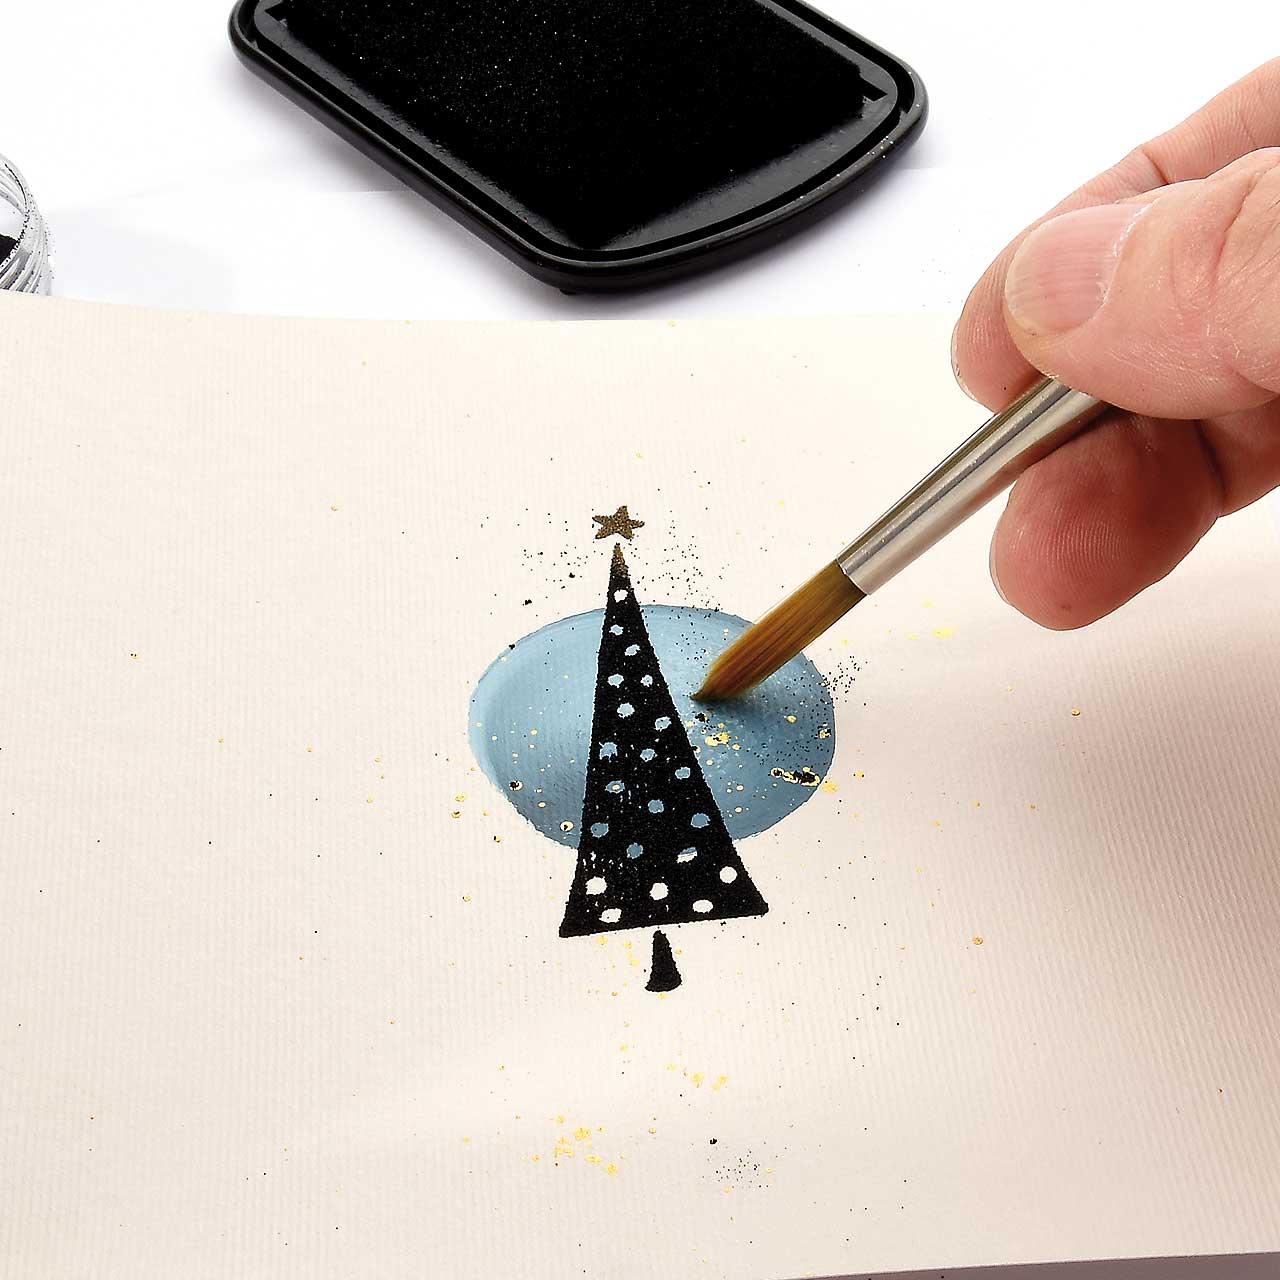 Spitze Für Tannenbaum.Tannenbaum Mit Goldener Spitze Weihnachten Kann Kommen Ideen